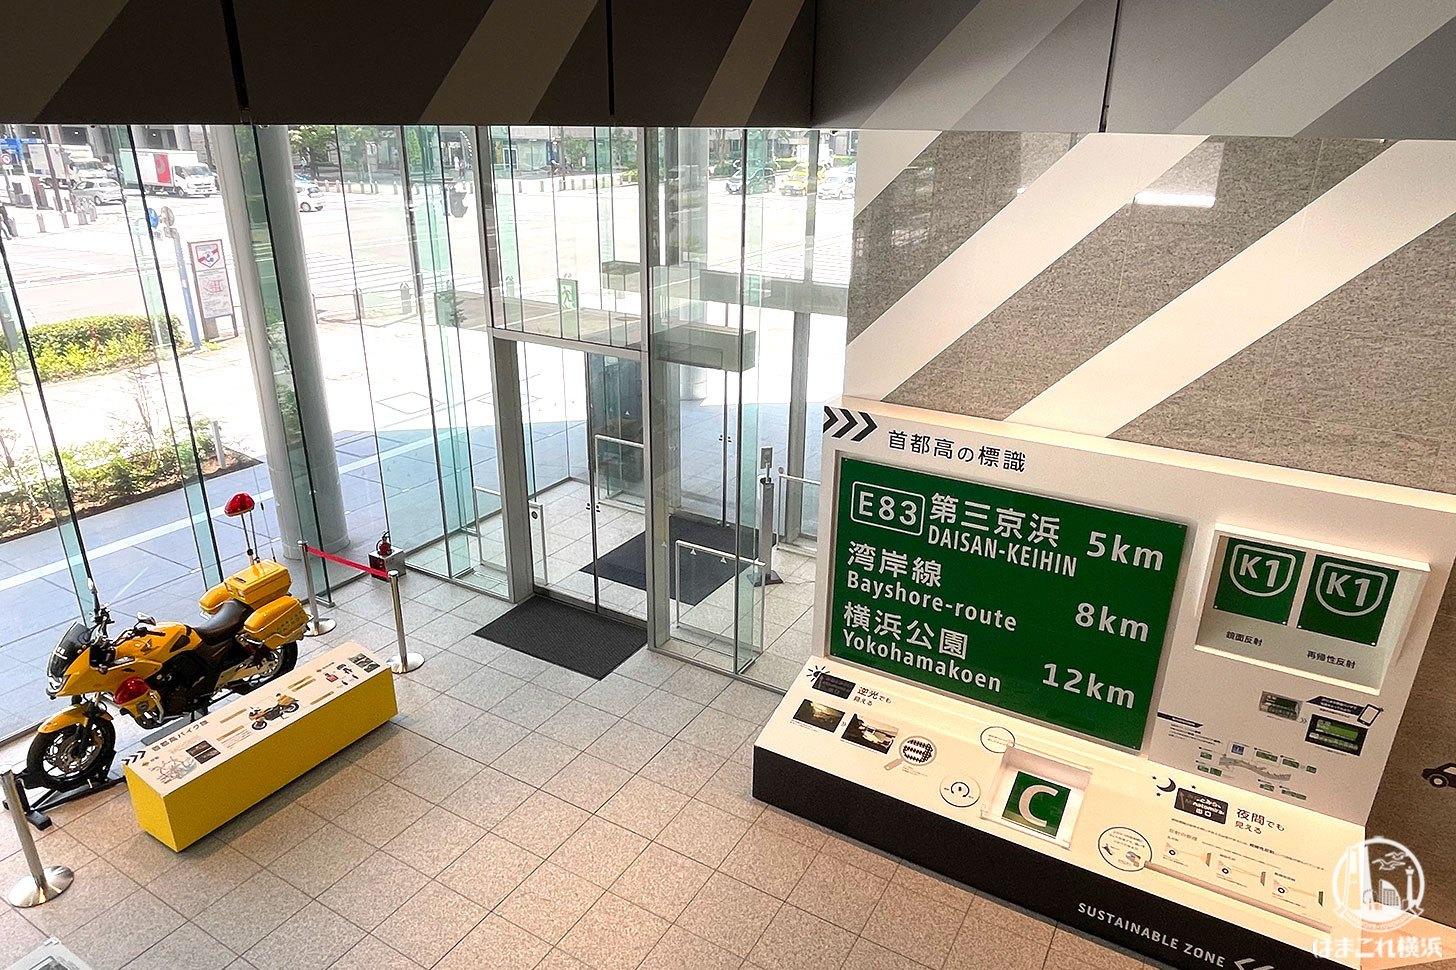 首都高MMパーク行って来た!首都高パトロールカーやバイク、体験展示が見学無料